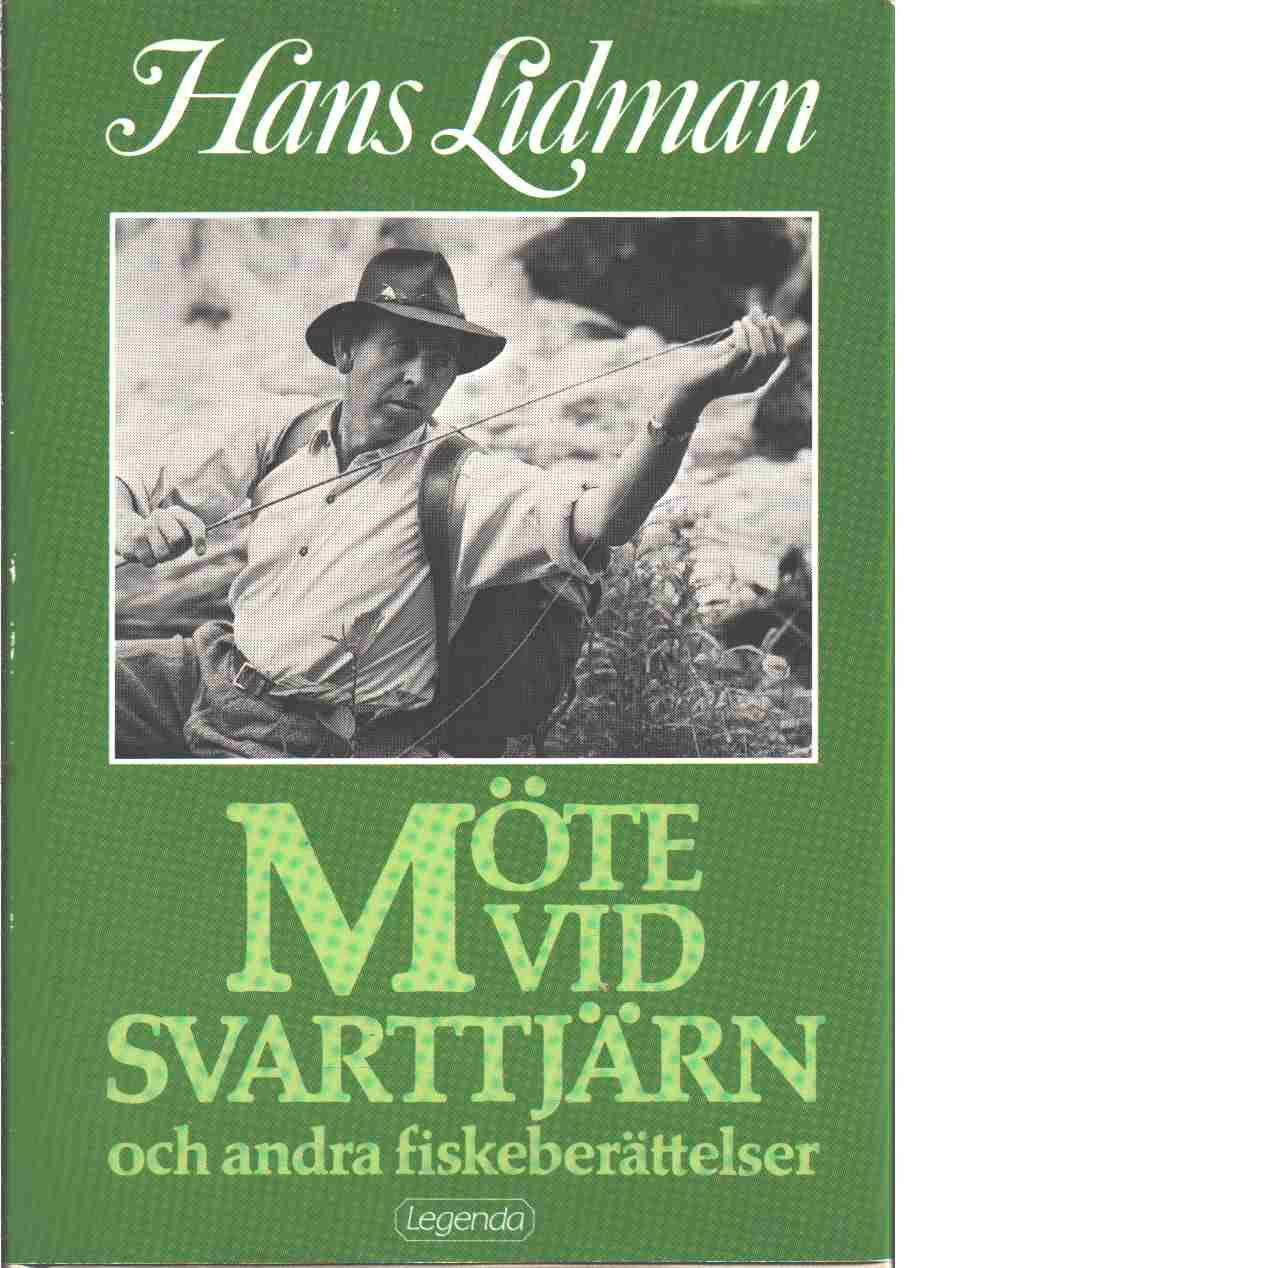 Möte vid Svarttjärn och andra fiskeberättelser - Lidman, Hans och Nilsson, Olle W.